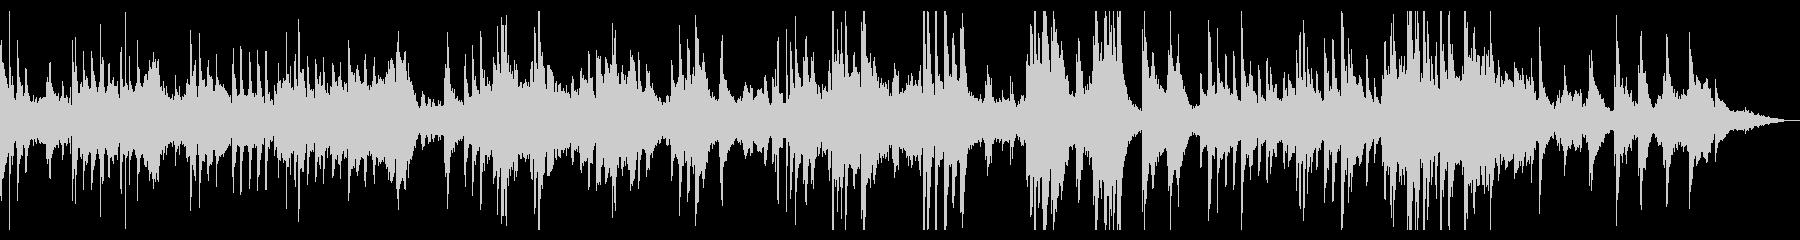 瞑想・ヨガ・癒し ピアノのヒーリング音楽の未再生の波形